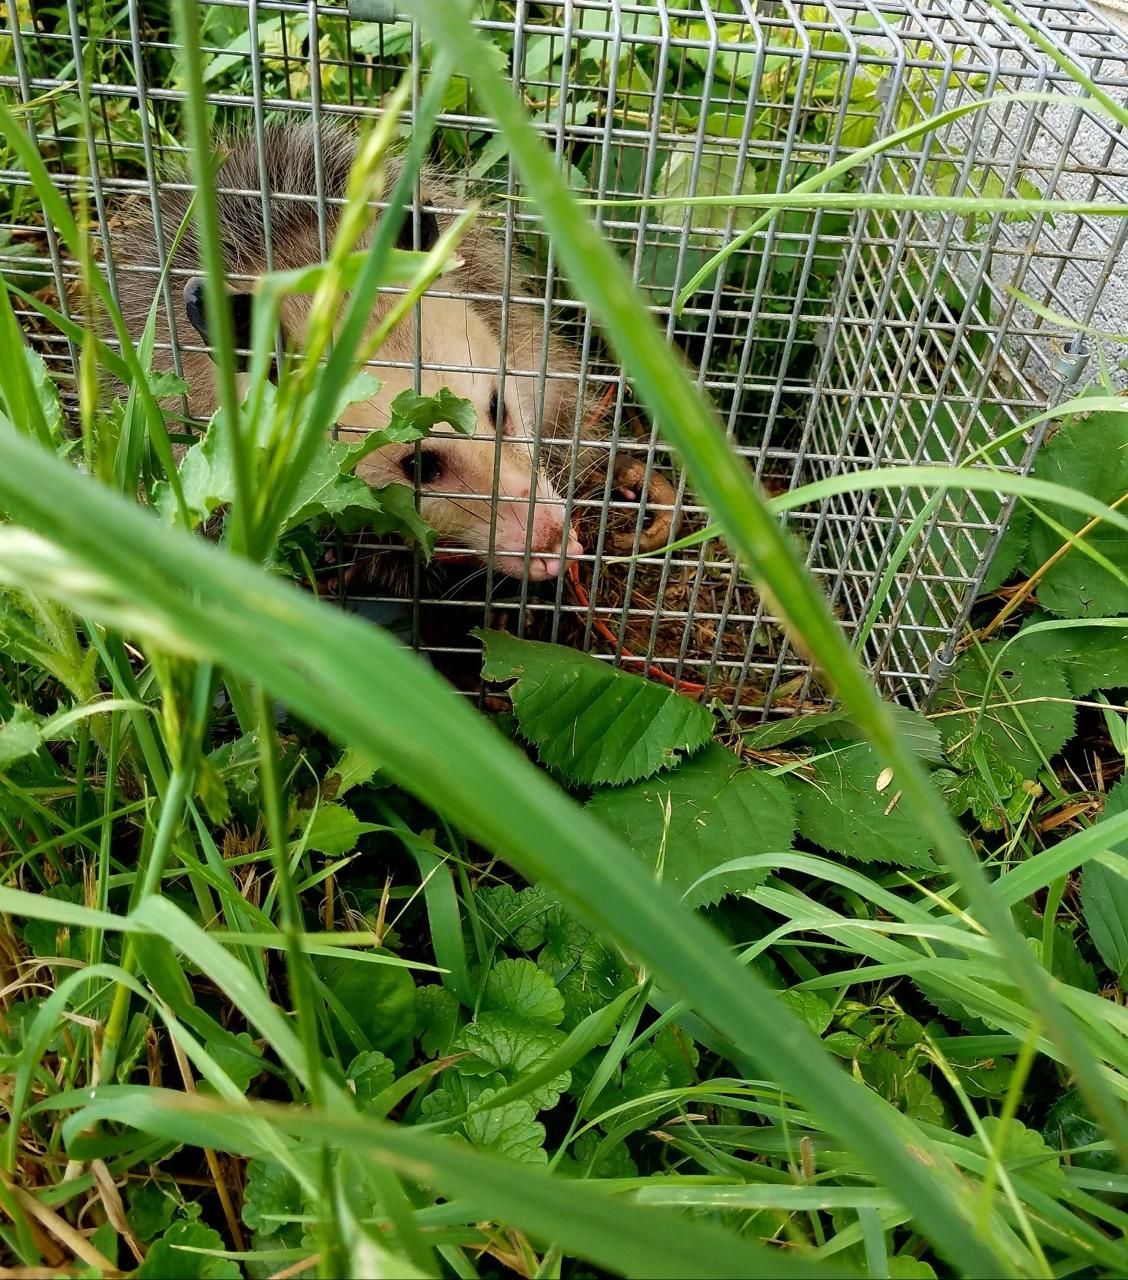 opossumweeds.jpg